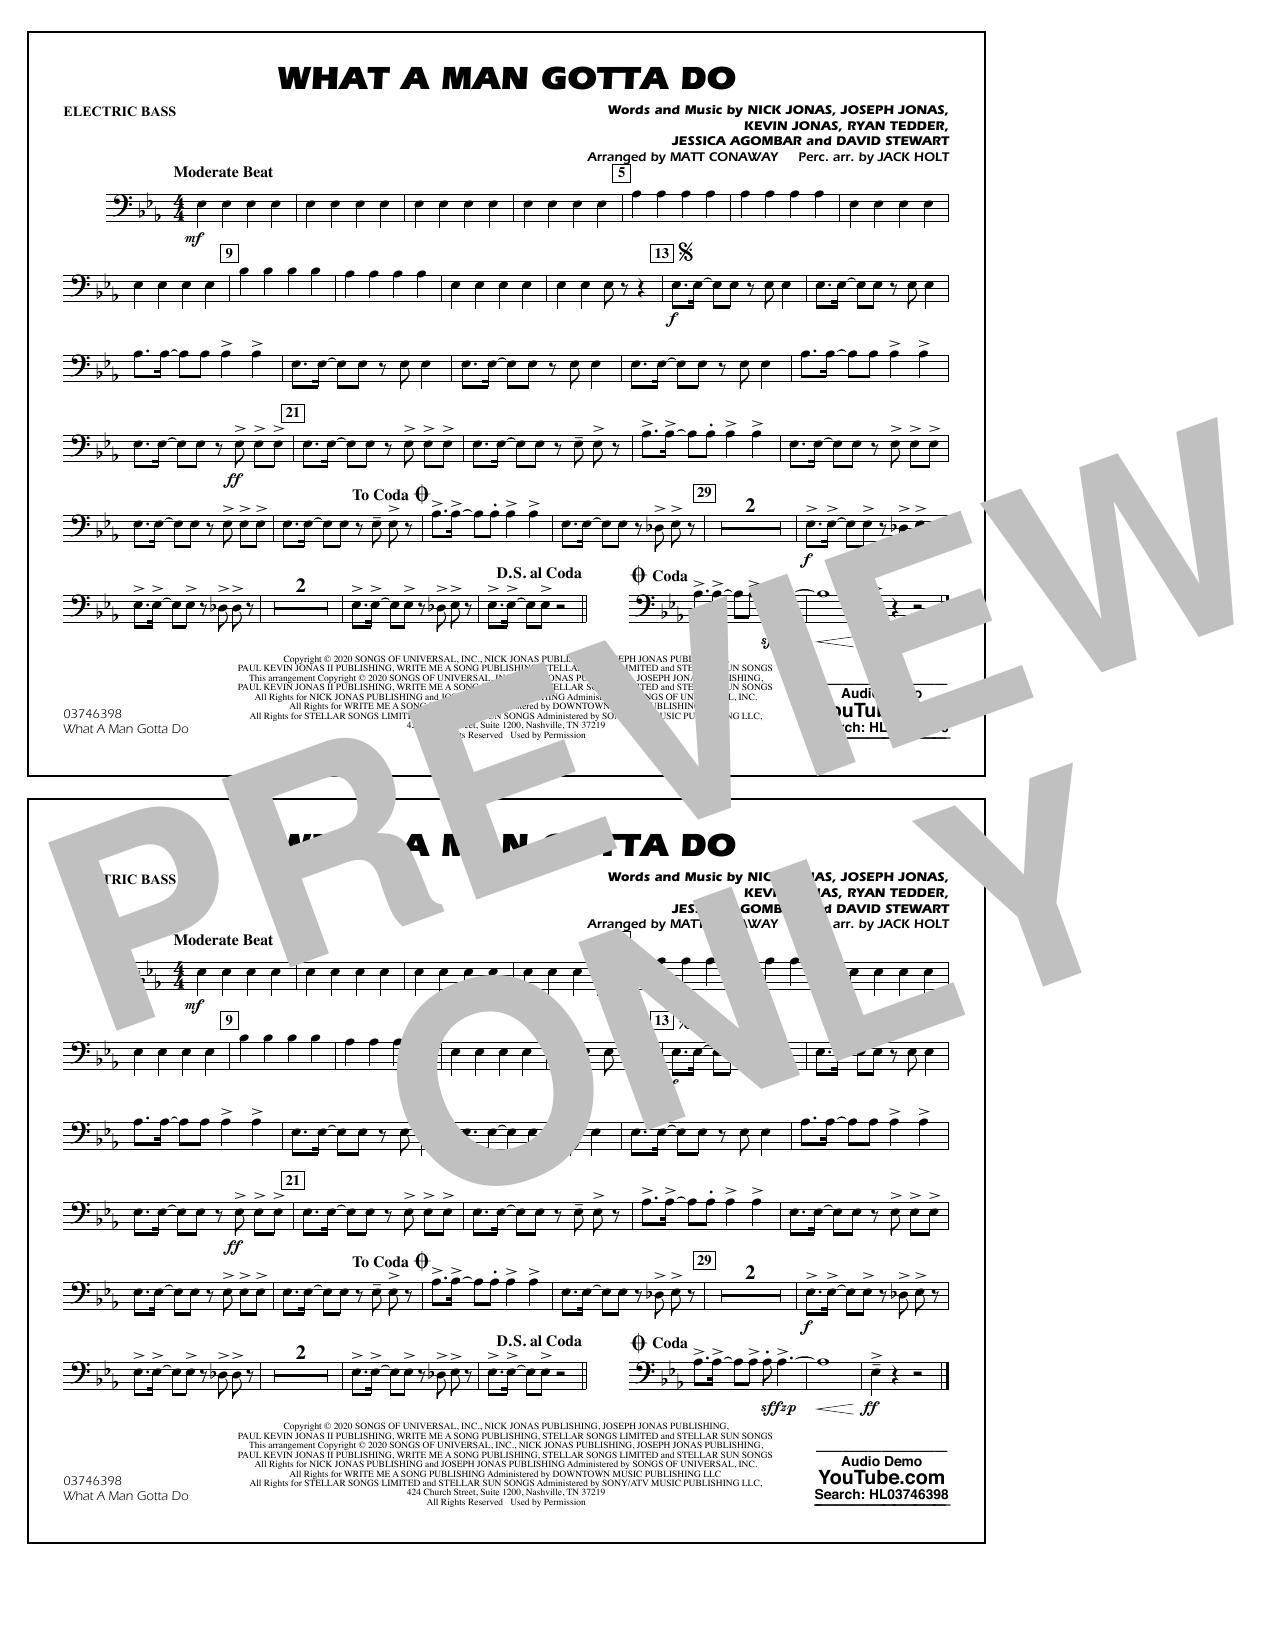 What a Man Gotta Do (arr. Jack Holt and Matt Conaway) - Electric Bass Sheet Music